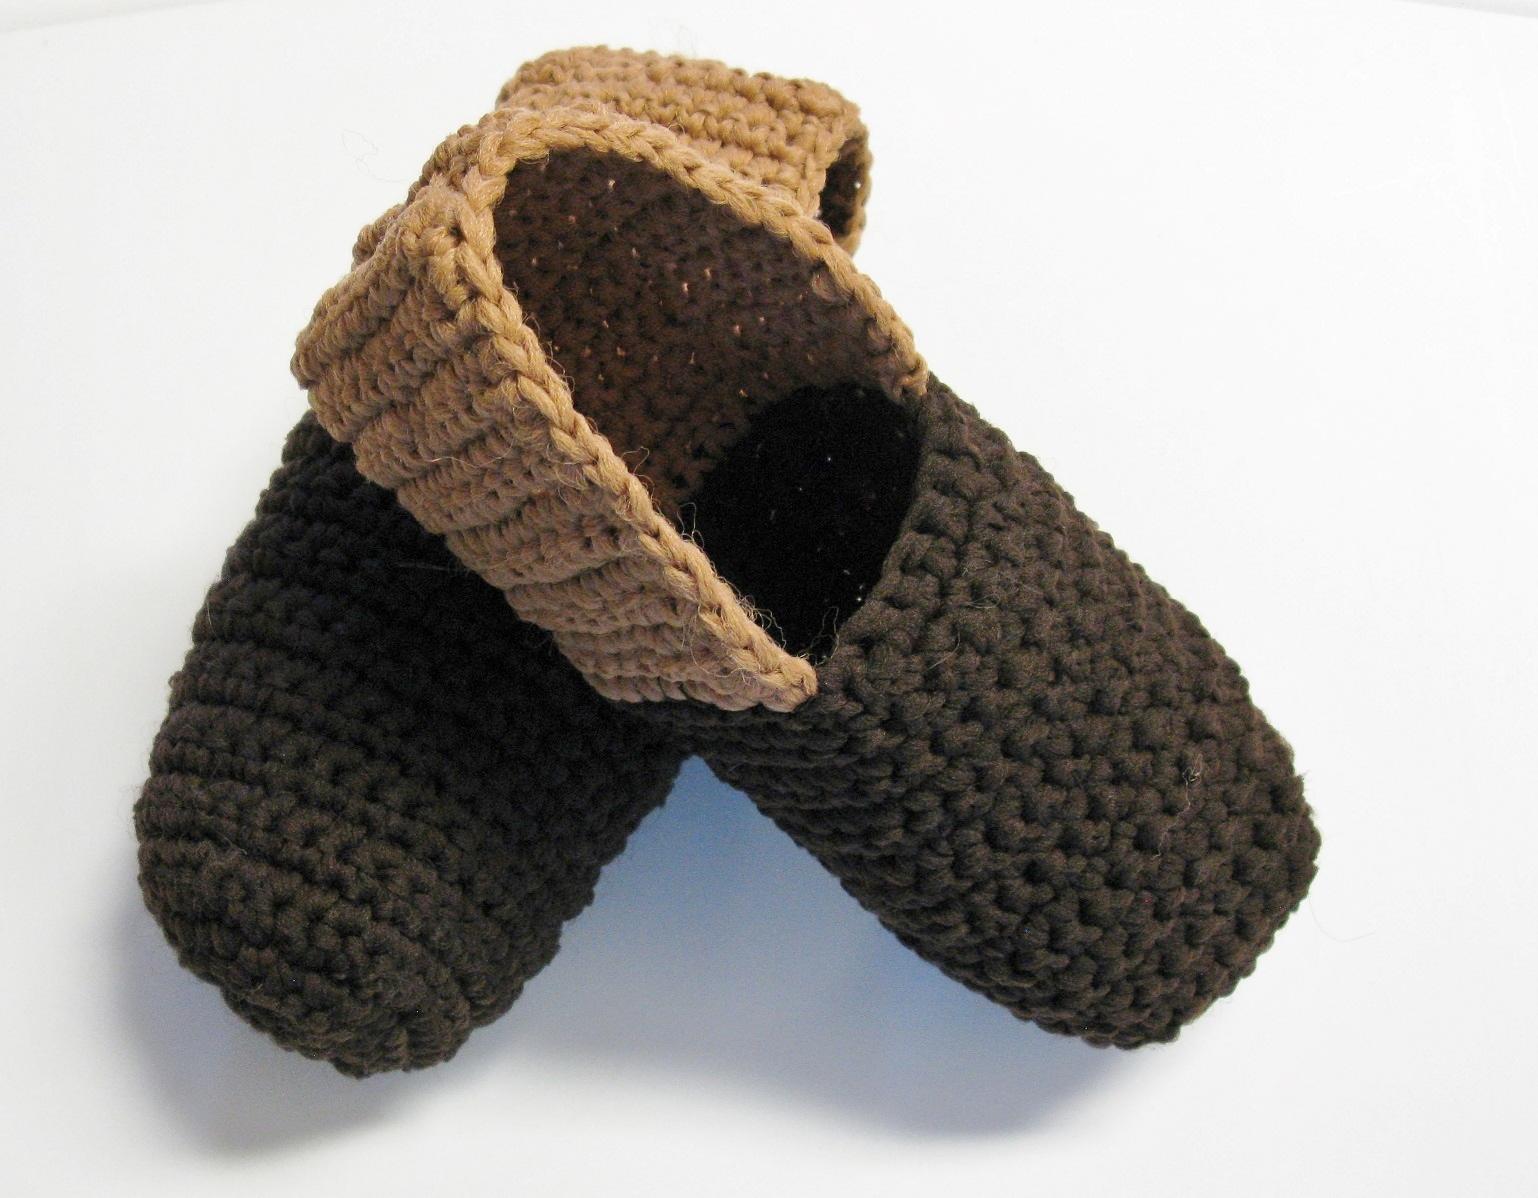 1001 petits chaussons au crochet – 3 petites mailles